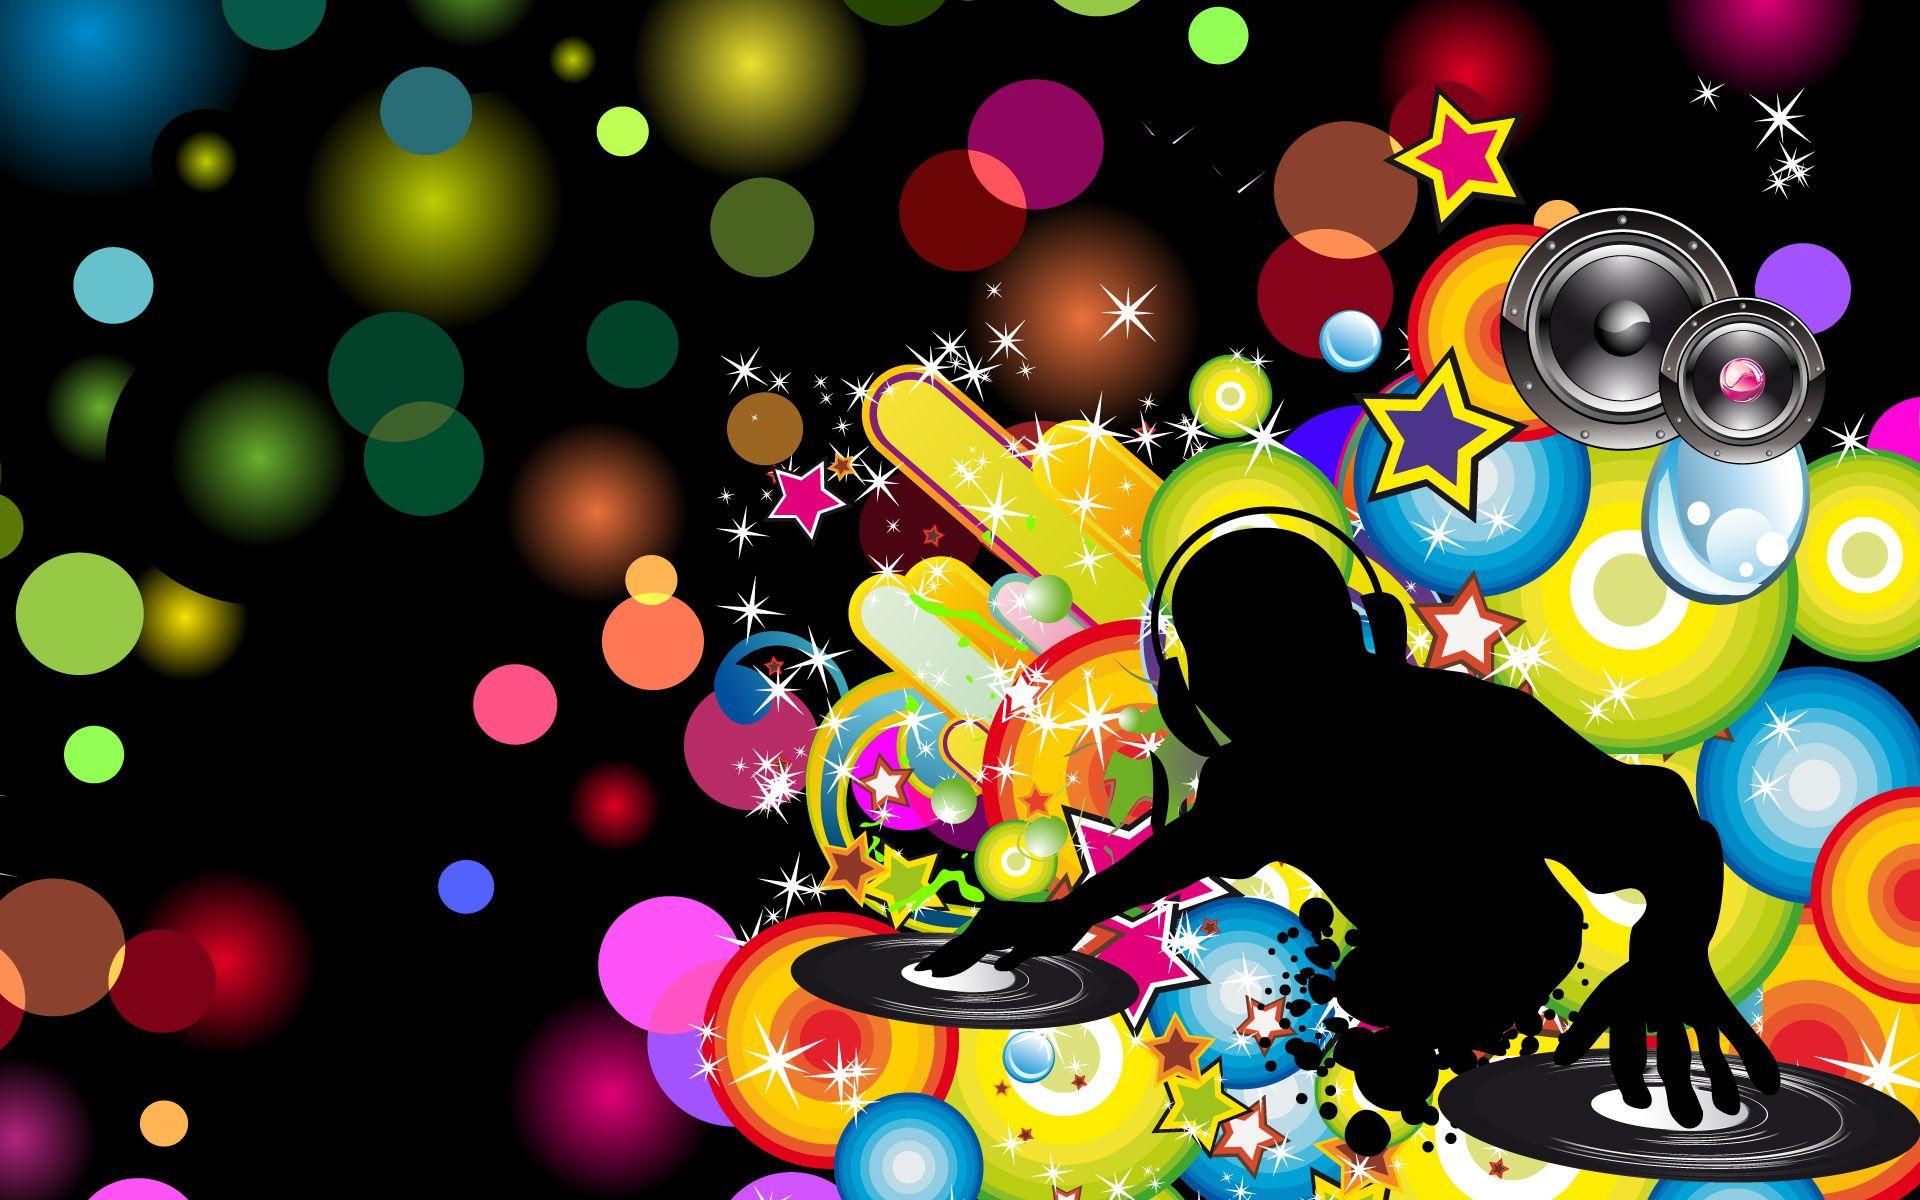 Music Wallpaper Music Music Wallpaper Dance Wallpaper Dj